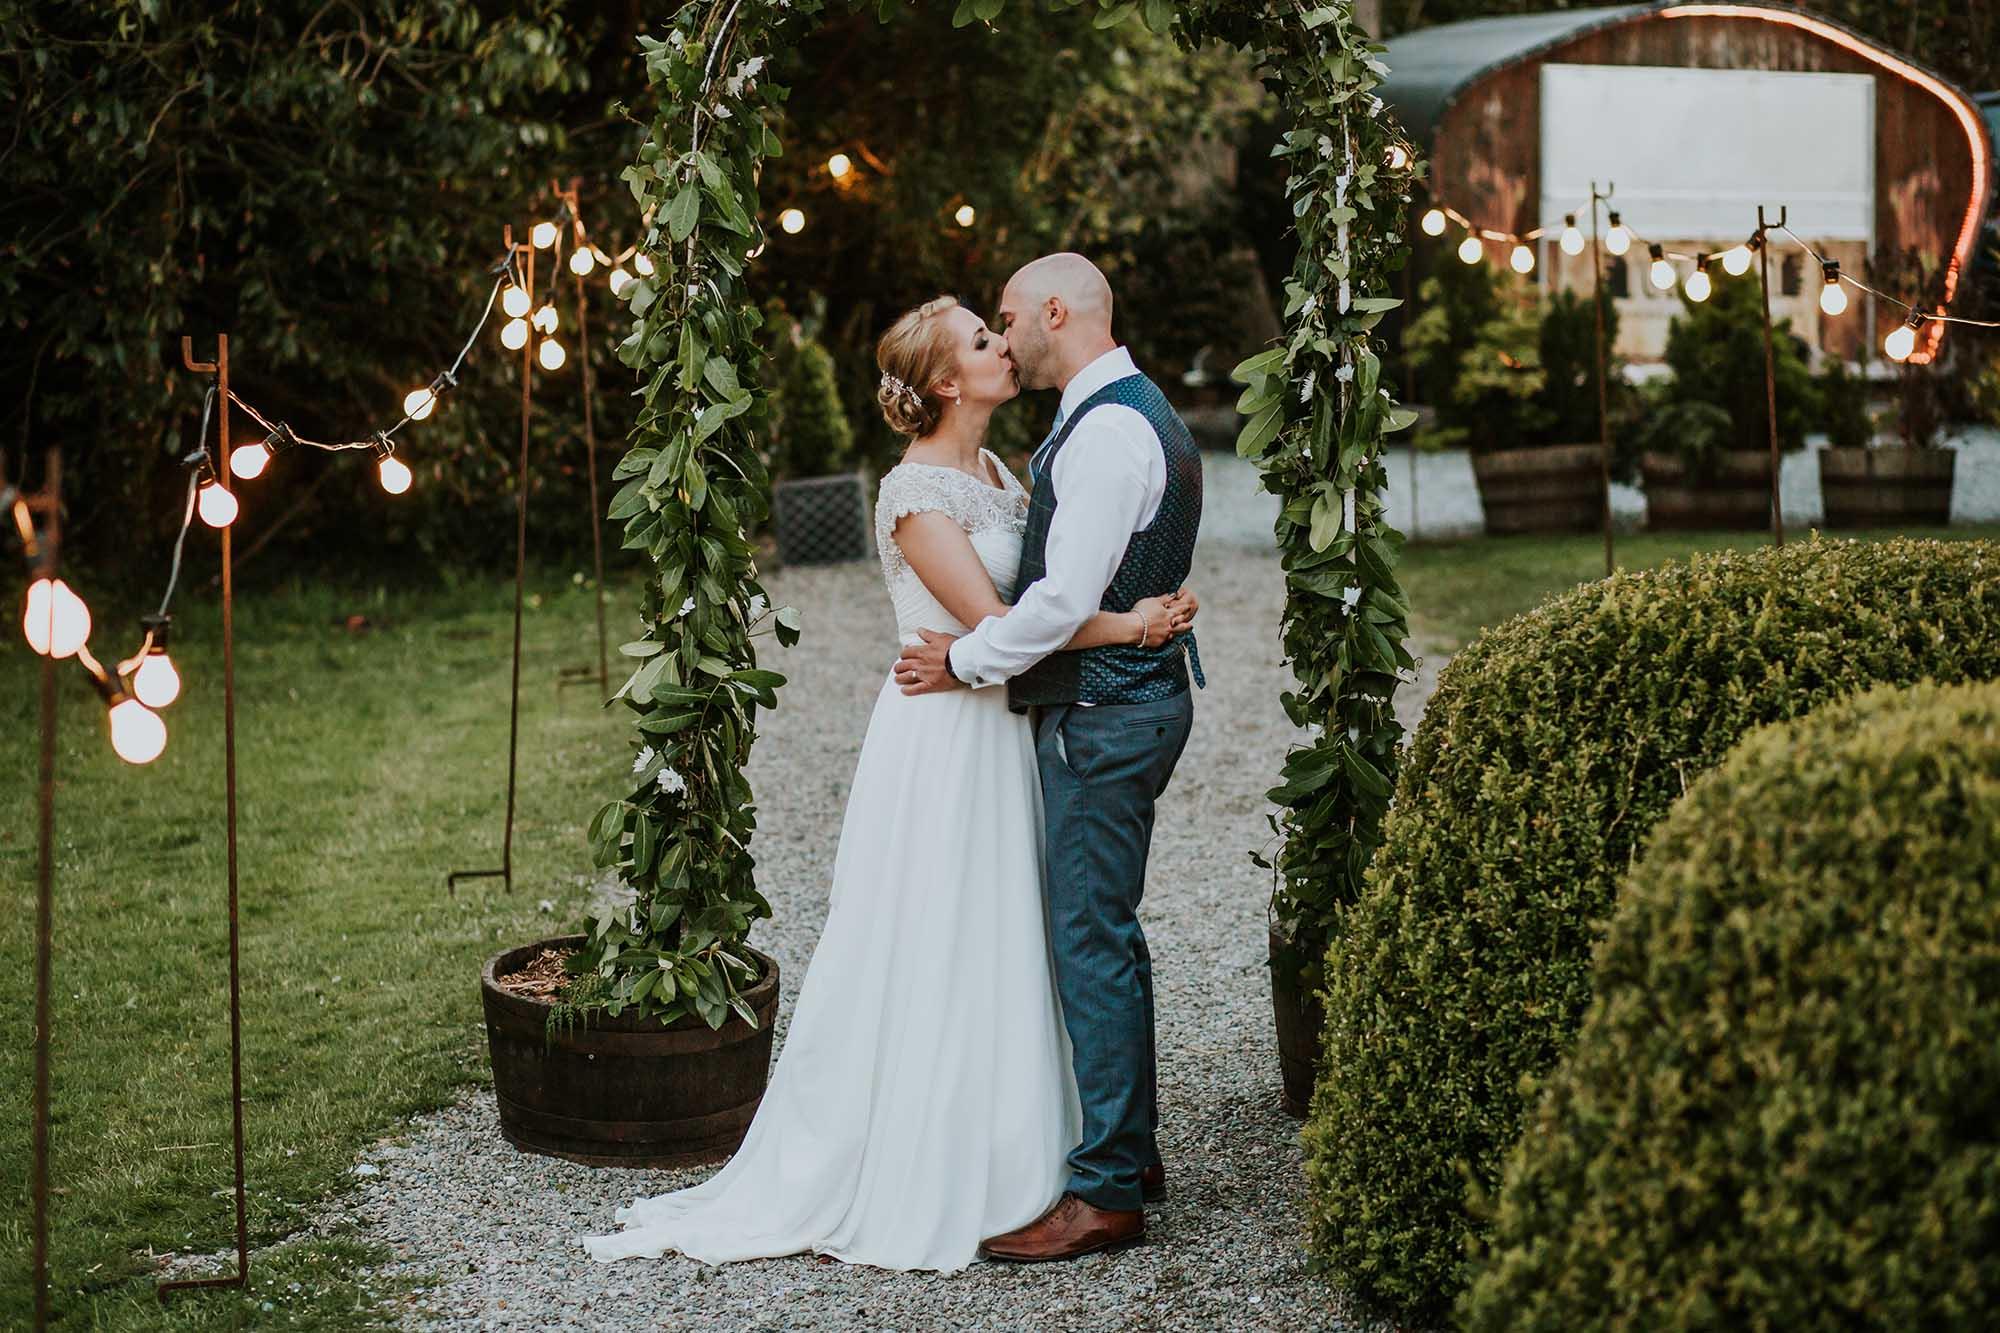 tros yr afon wedding photographer